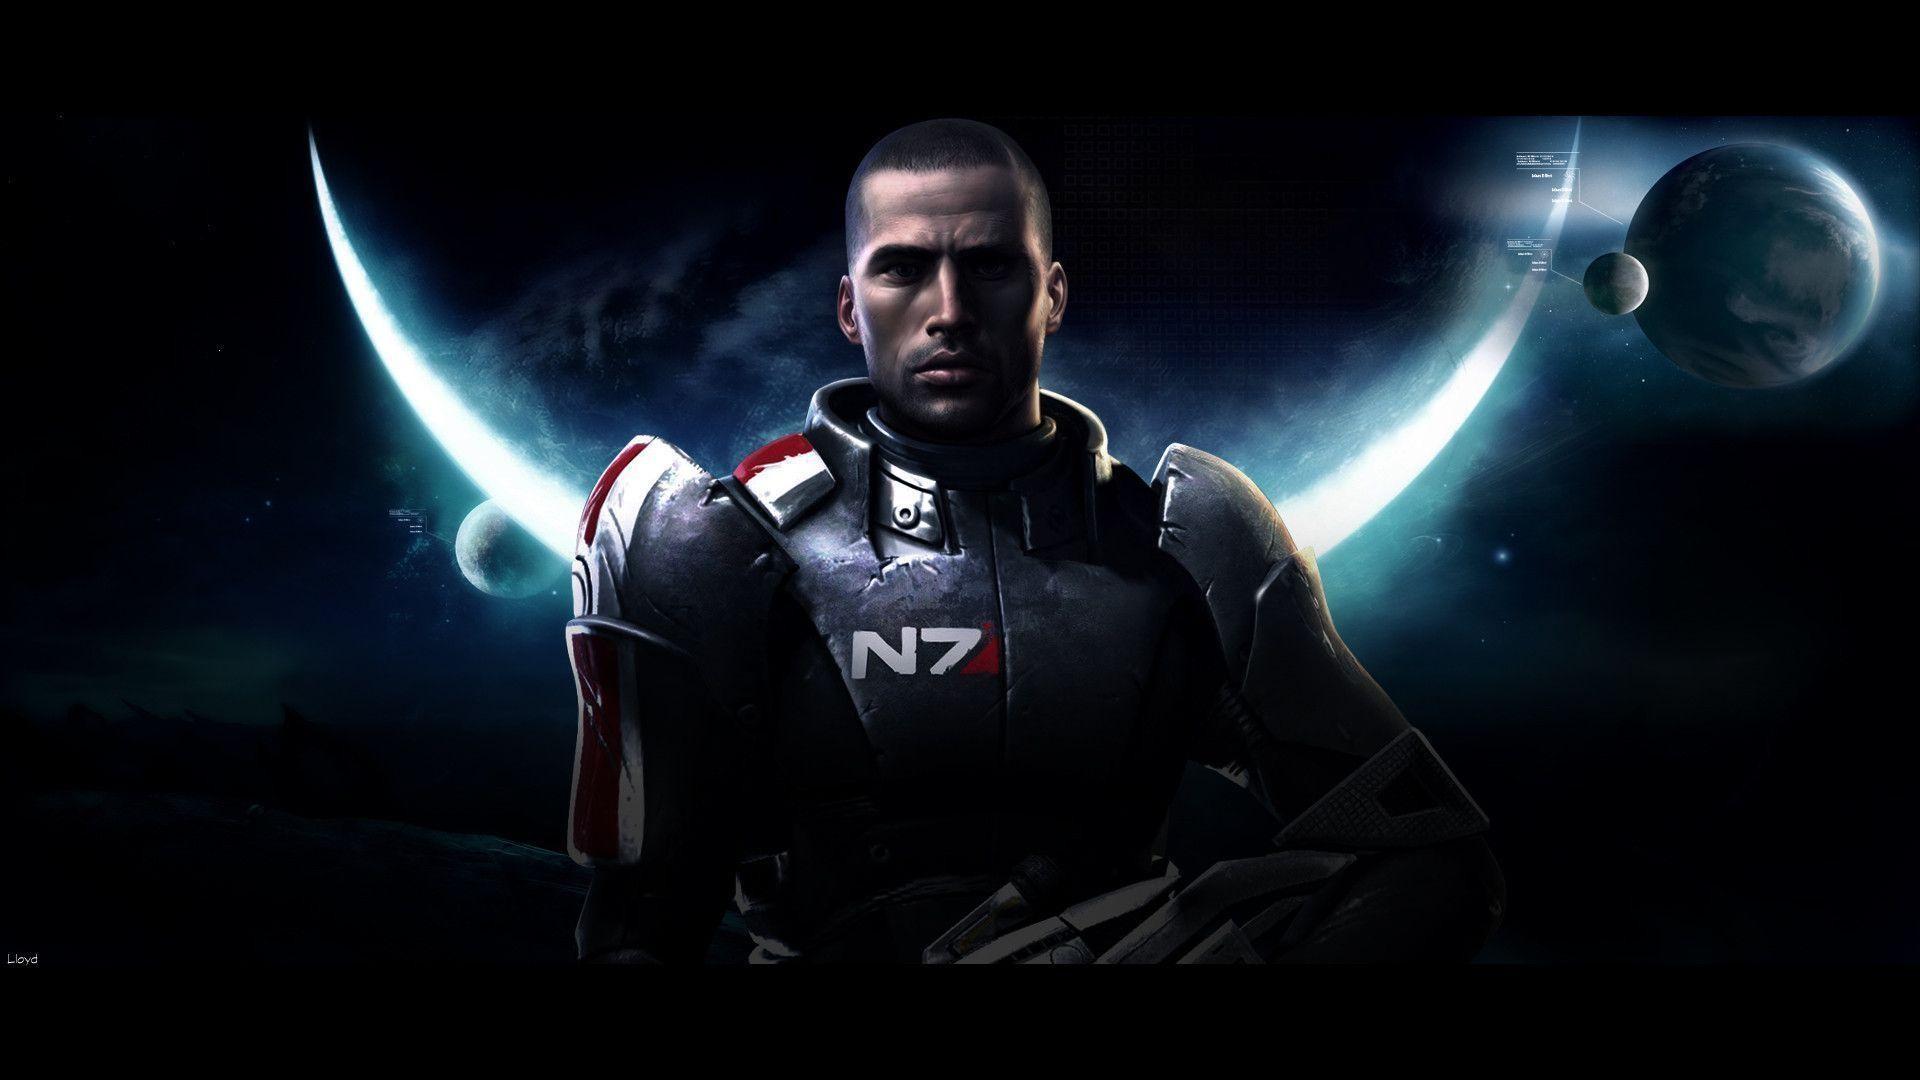 Reaper Wallpaper Mass Effect, wallpaper, Reaper Wallpaper Mass .